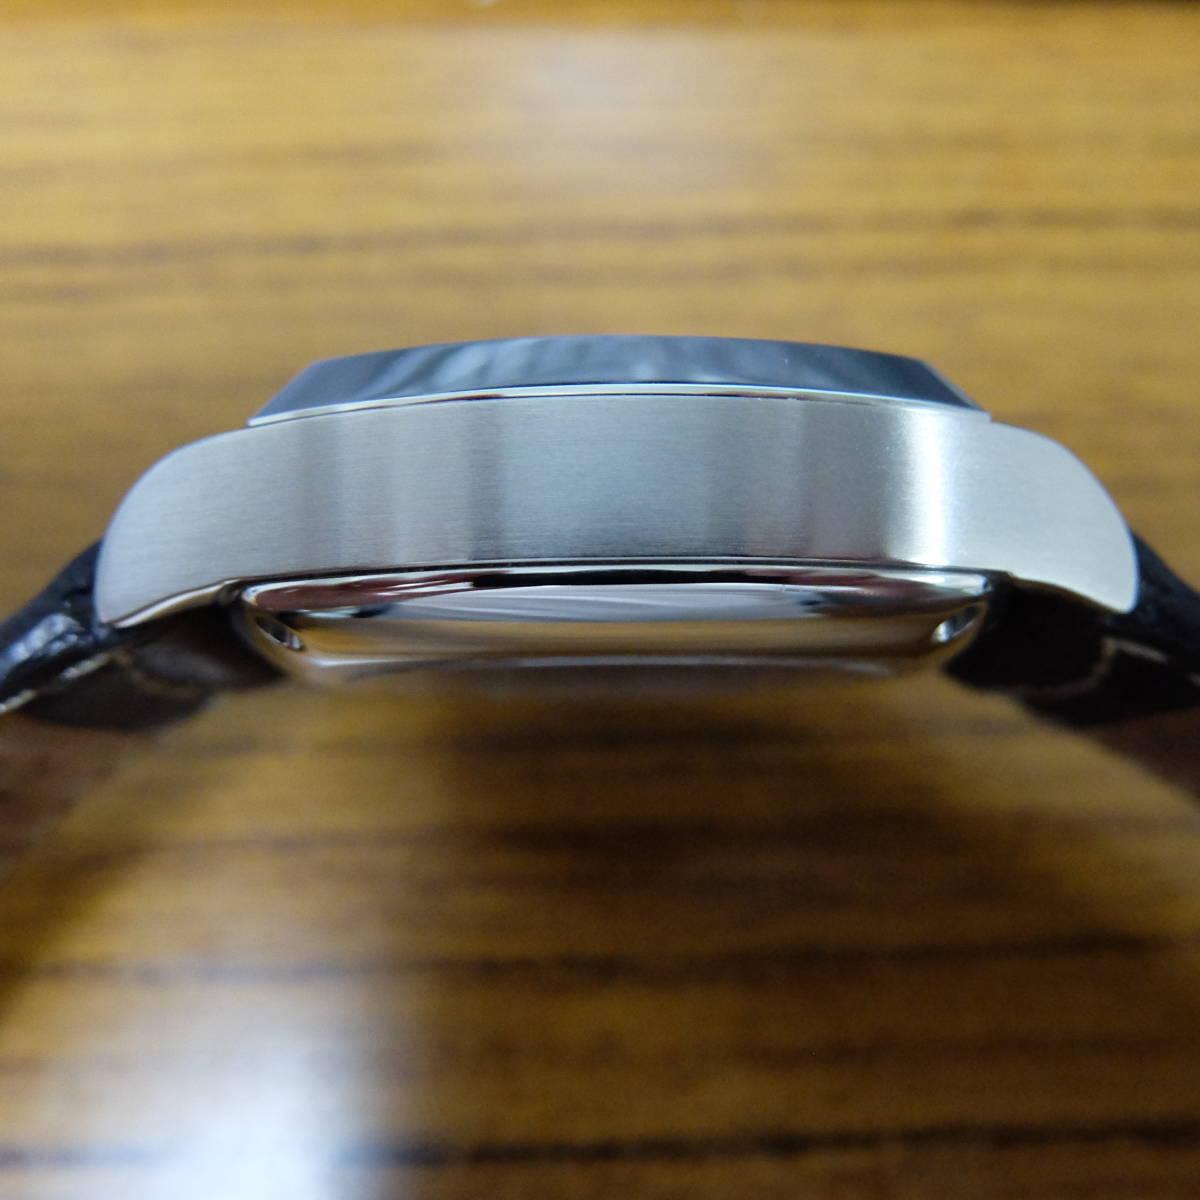 TAG Heuer(泰格豪雅)Monza Calibre 36(El Primero)精緻美容用品 編號:p639450226